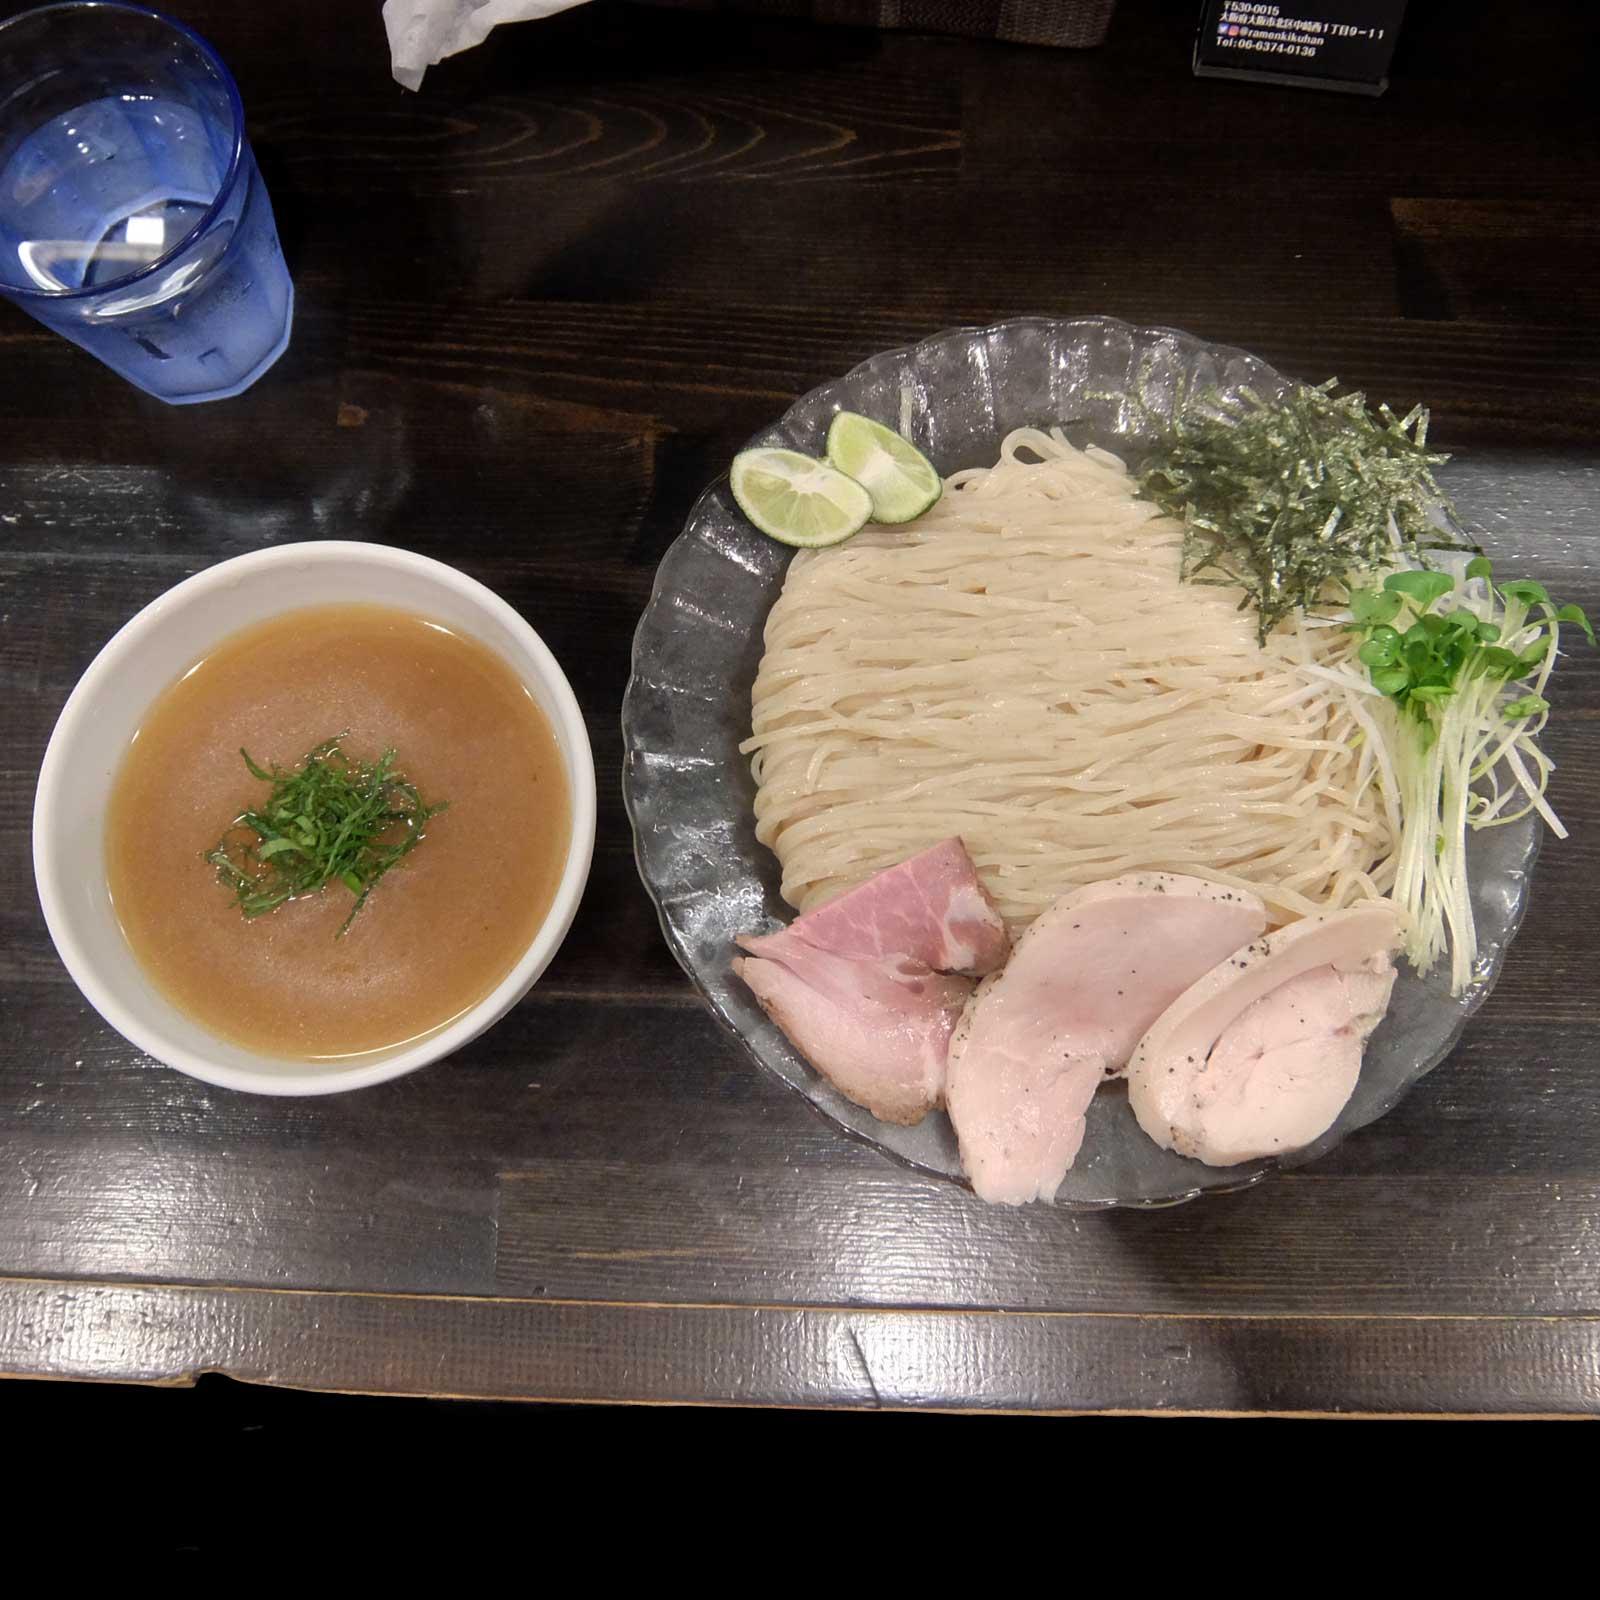 らぁ麺 きくはん 冷やしつけ麺 中崎町 梅田 大阪